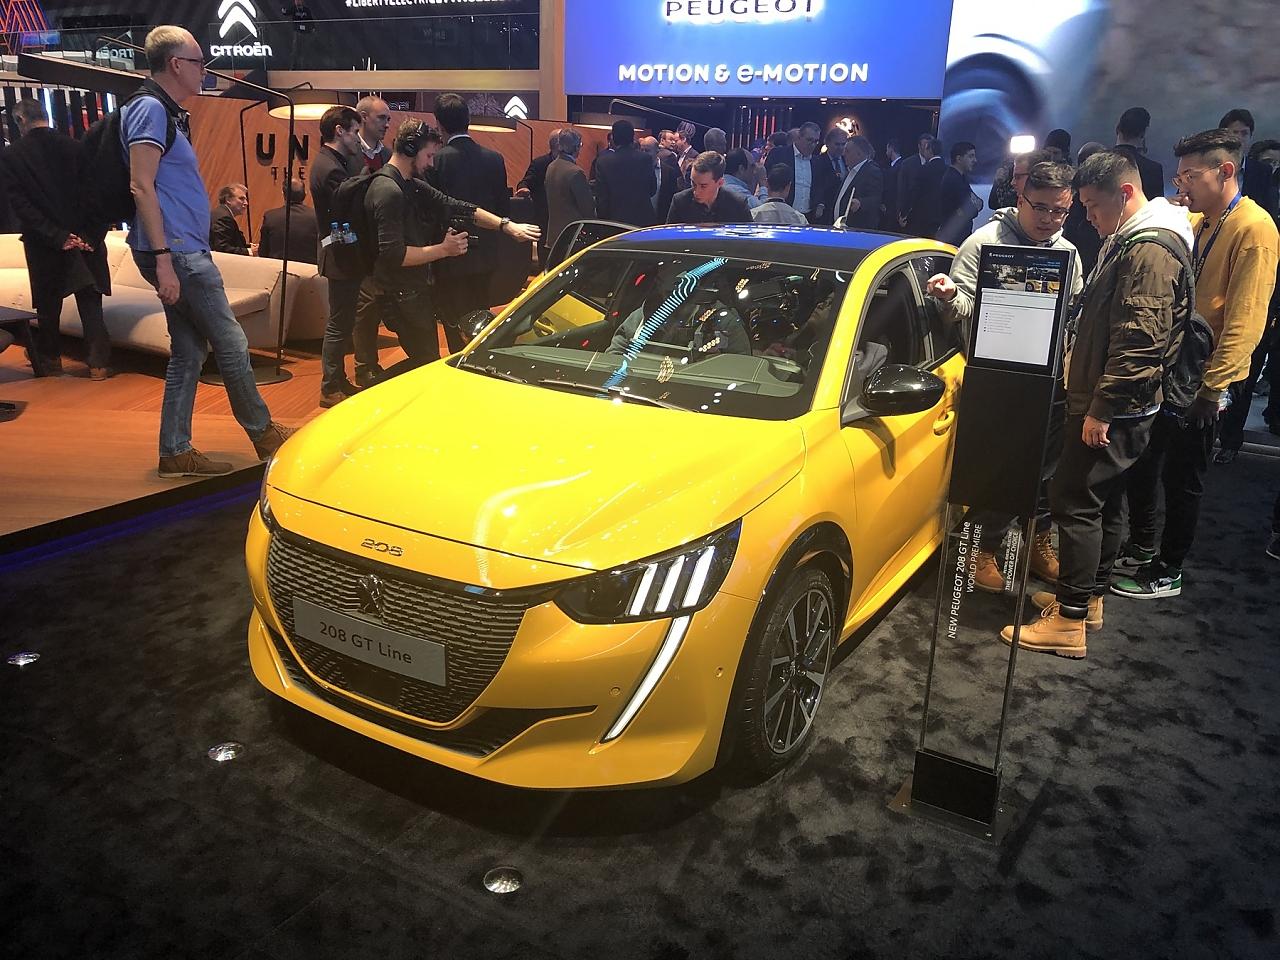 Ebenso wie der Corsa-E wird der Neupreis des elektrischen Peugeot 208 bei knapp 30.000 Euro liegen.